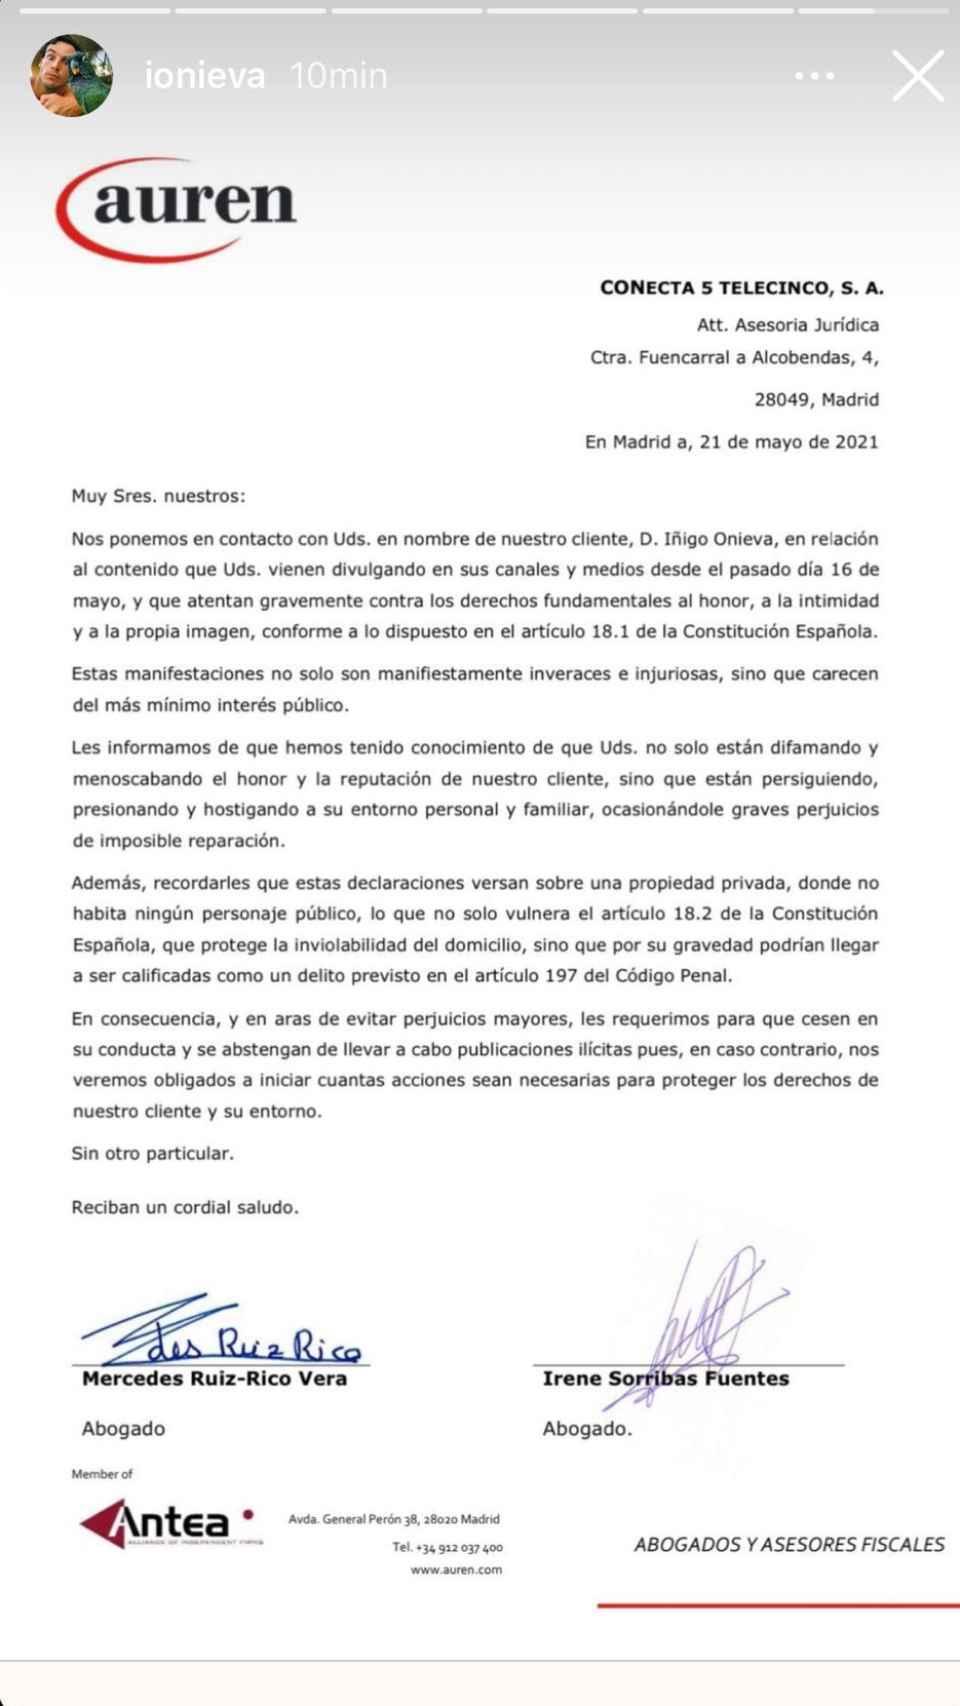 El comunicado que ha enviado Íñigo Onieva a través de sus abogados.